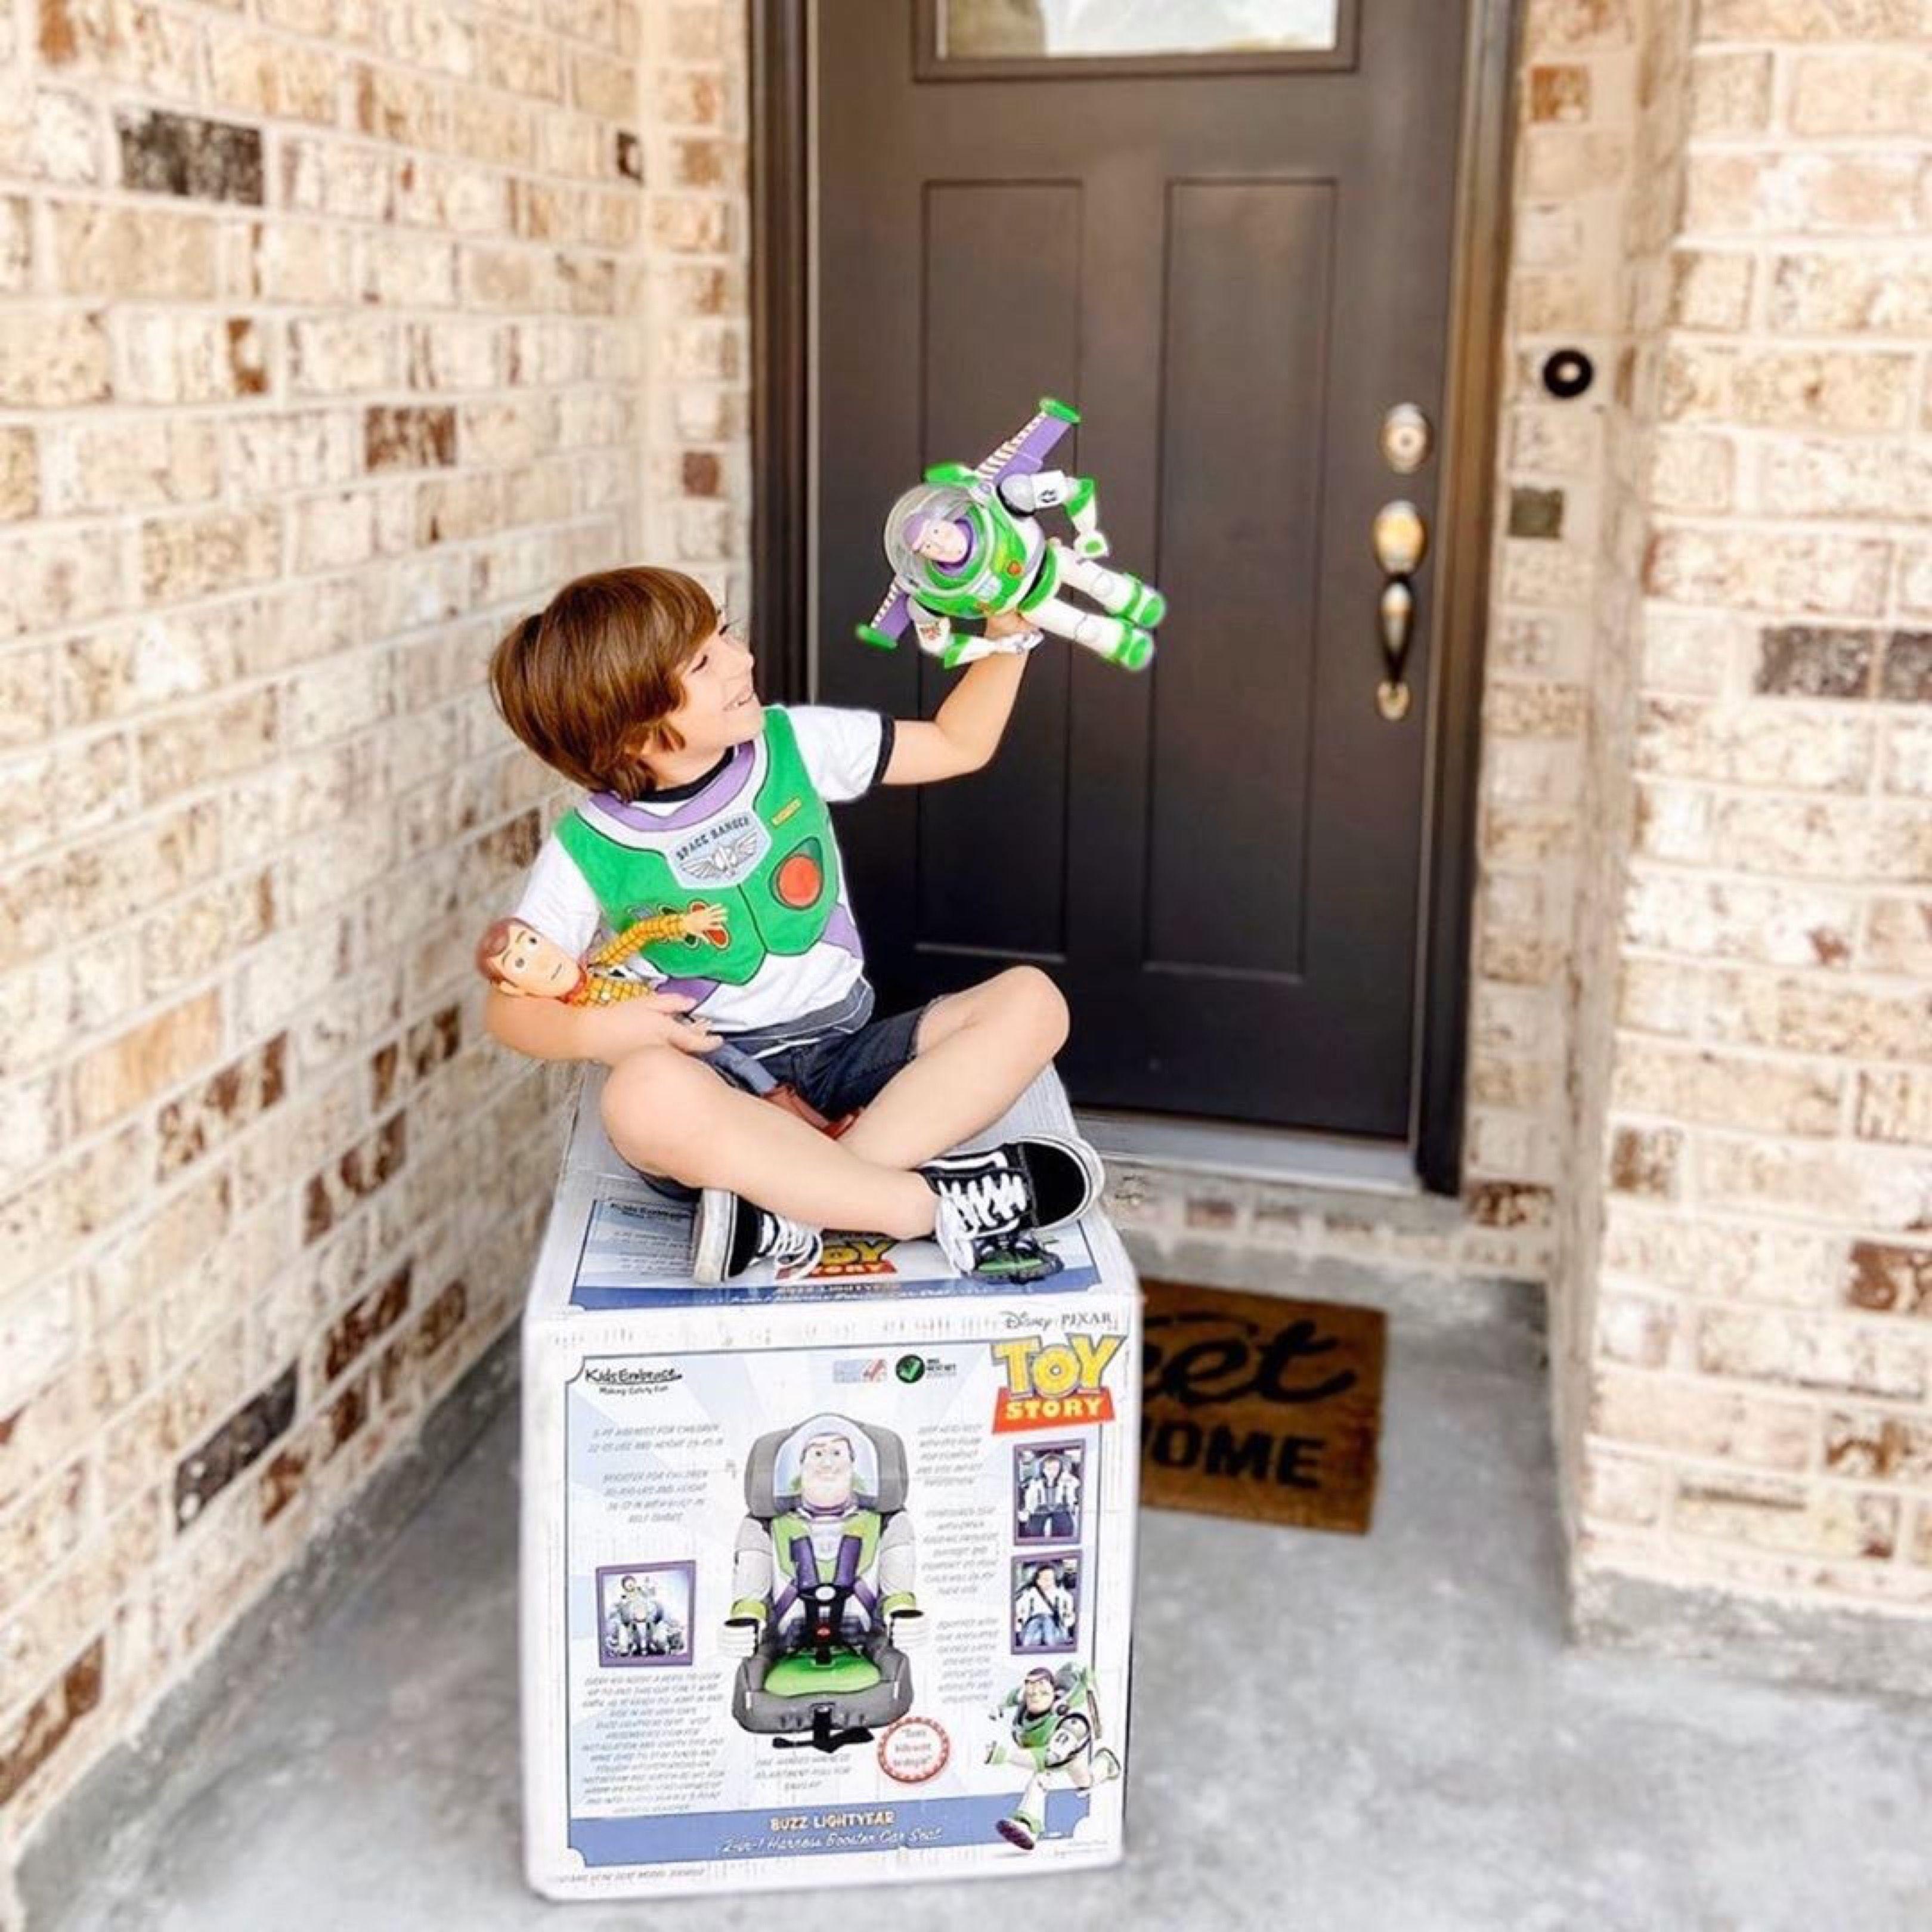 Buzz lightyear kidsembrace car seat in 2020 lightyears